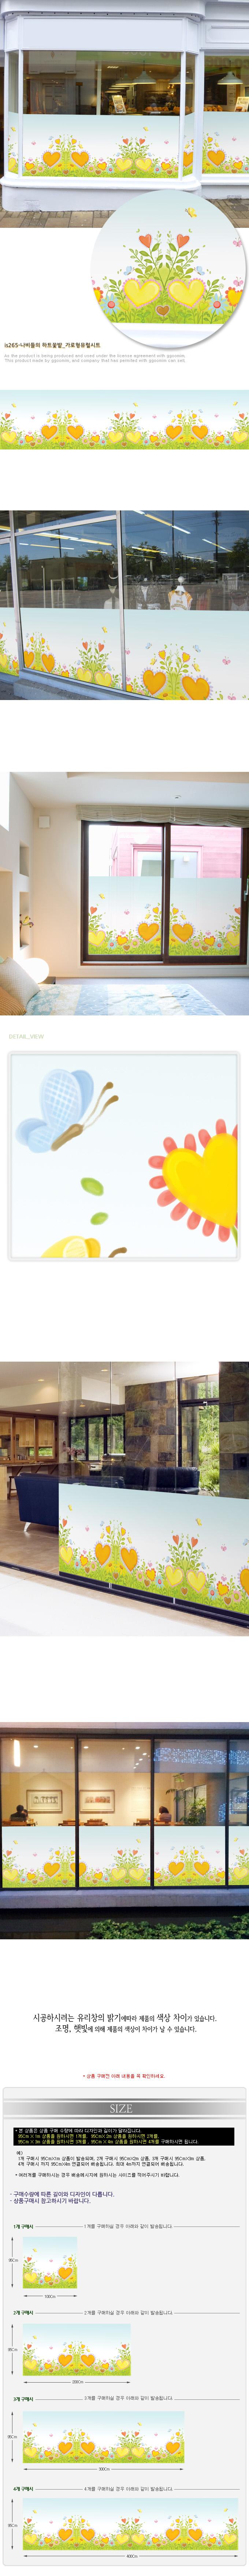 is265-나비들의하트꽃밭_가로형뮤럴시트_뮤럴시트지 - 꾸밈, 22,400원, 벽지/시트지, 디자인 시트지